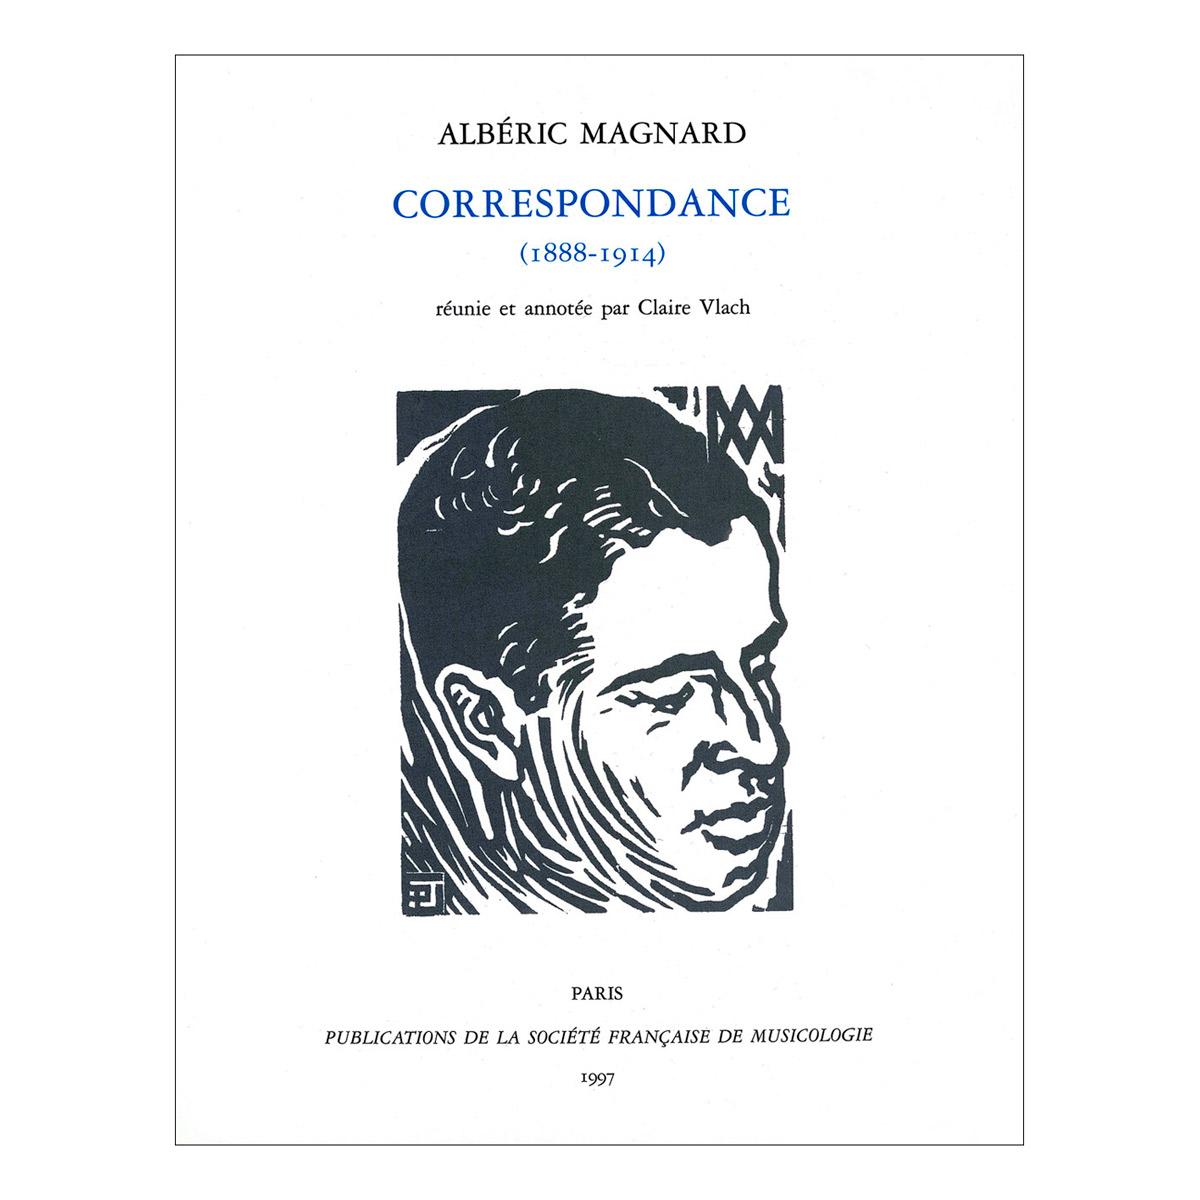 Magnard A. - Correspondance (1888-1914) - Historique